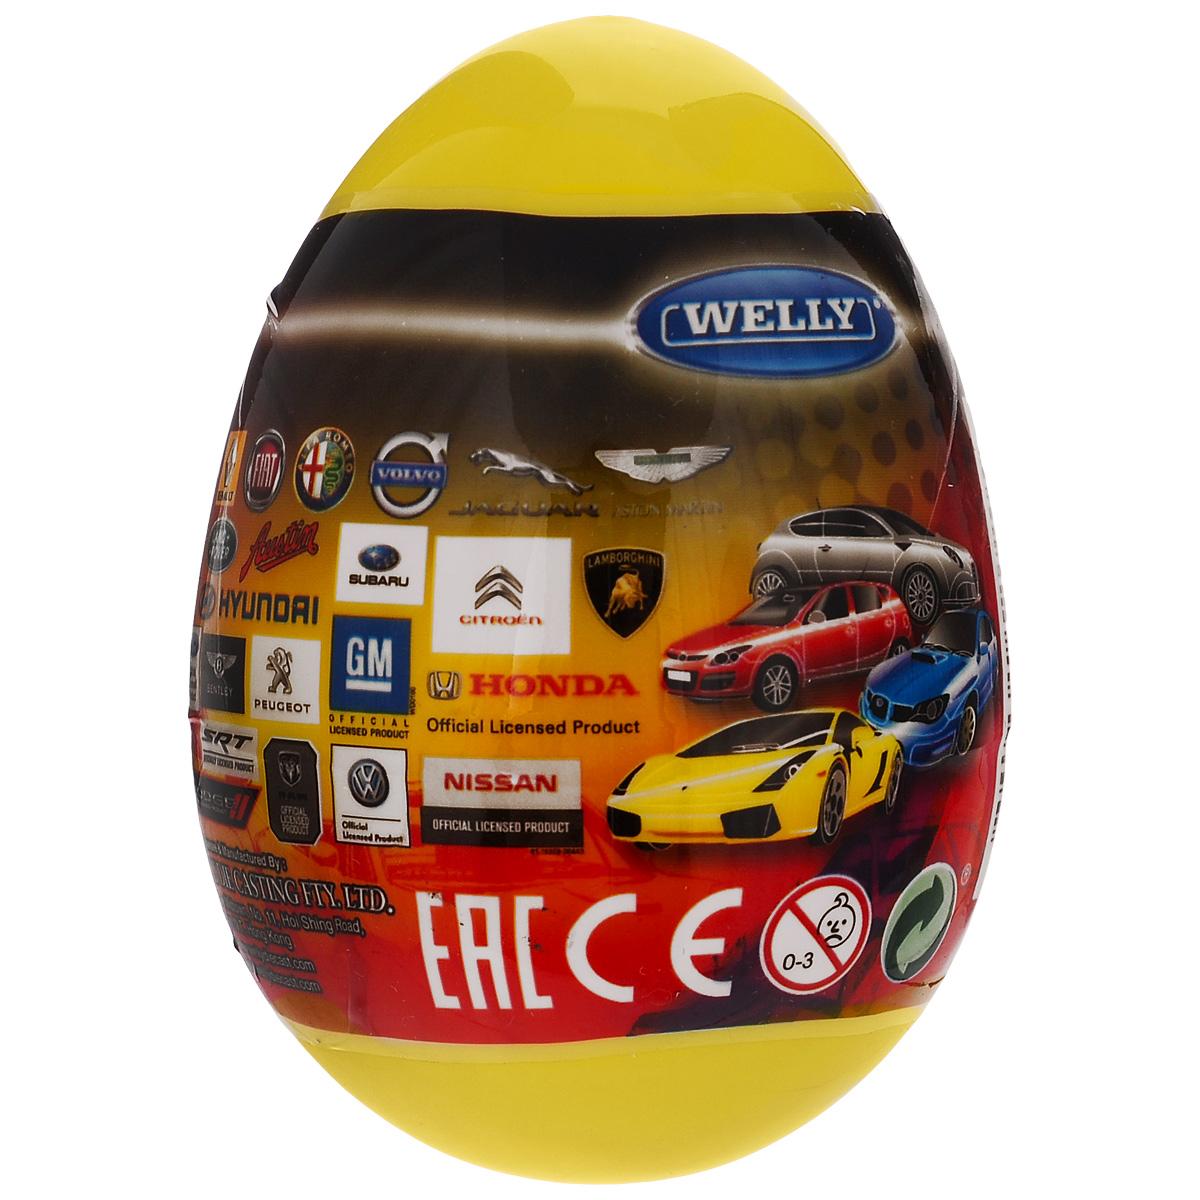 Welly Яйцо-сюрприз с машинкой цвет желтый52020E_желтыйЯйцо-сюрприз Welly Модель машины непременно привлечет внимание любого мальчика. Ведь в яйце его ждет сюрприз: моделька машины одного из гигантов мирового автопрома! Каждая игрушечная модель машины - точная копия, сделанная по лицензии автопроизводителя. Модели прекрасно детализированы, несмотря на маленький размер. Машинки выполнены из металла и пластика. Порадуйте своего малыша таким великолепным подарком! Модели автомобилей продаются в закрытом яйце-сюрпризе, поэтому узнать, какая машинка внутри, можно только при открытии яйца.